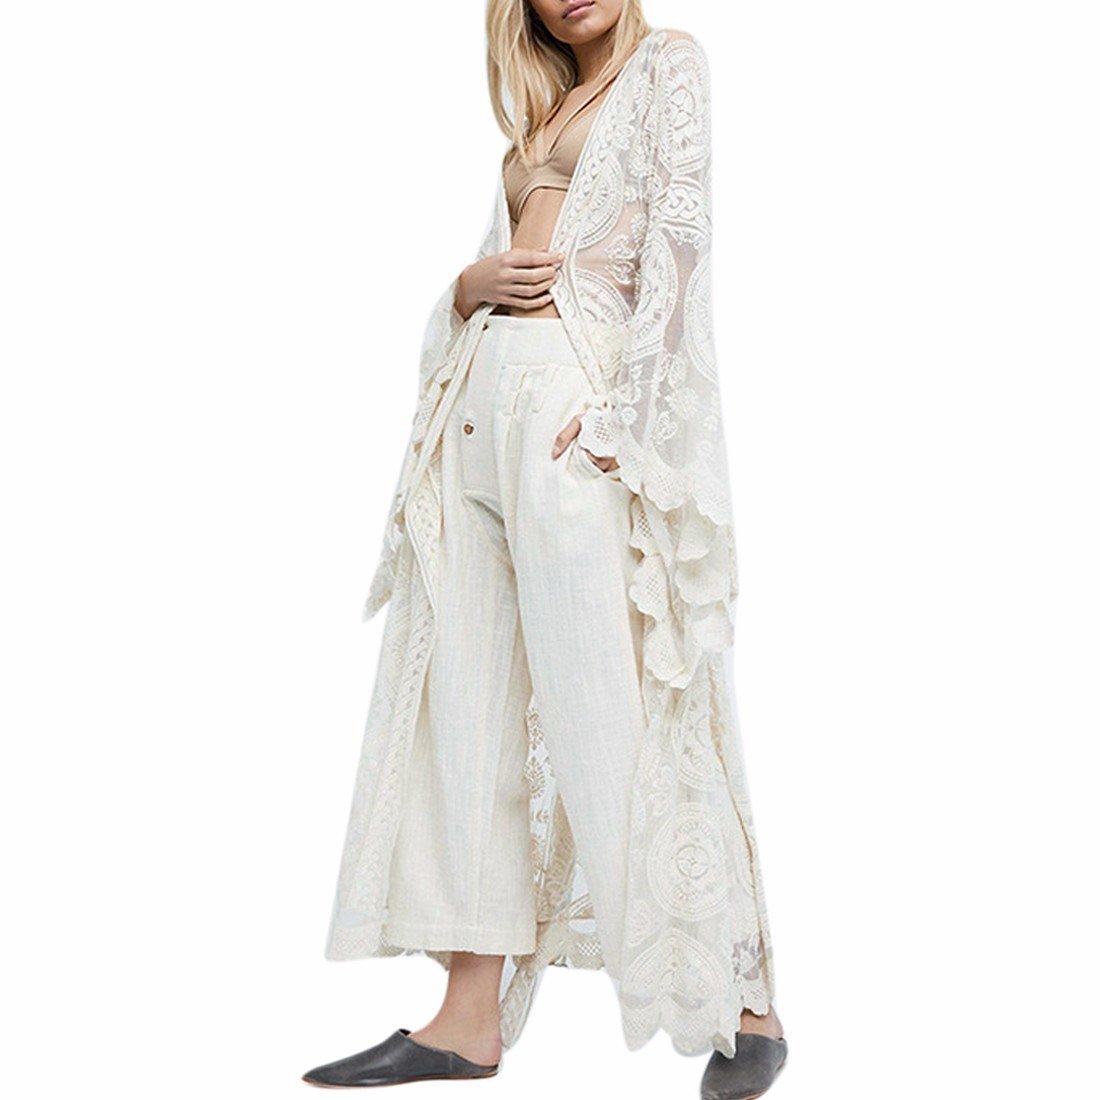 QIYUN.Z Femmes Cardigan Blanc Dentelle Décontracté Style Bohème Crochet Été Longue Cape 3008S1797/1ONE